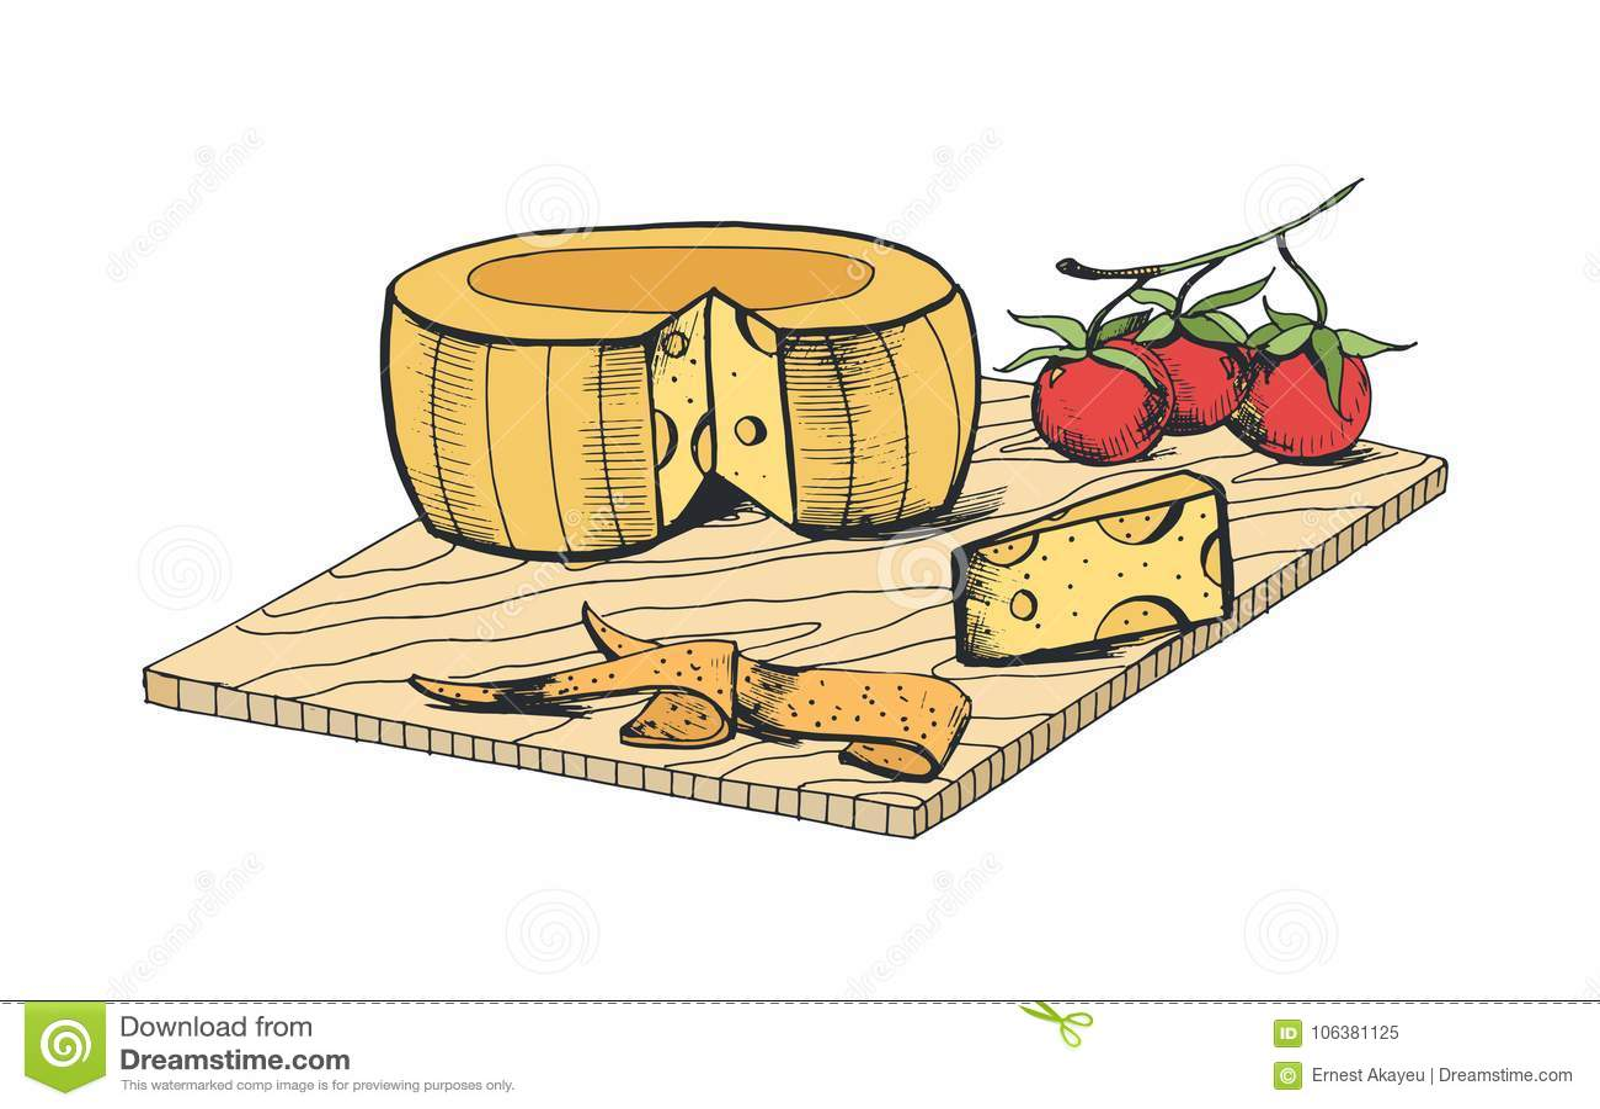 Dessin De Tete De Fromage De Morceau De Tranches Et De Tomates